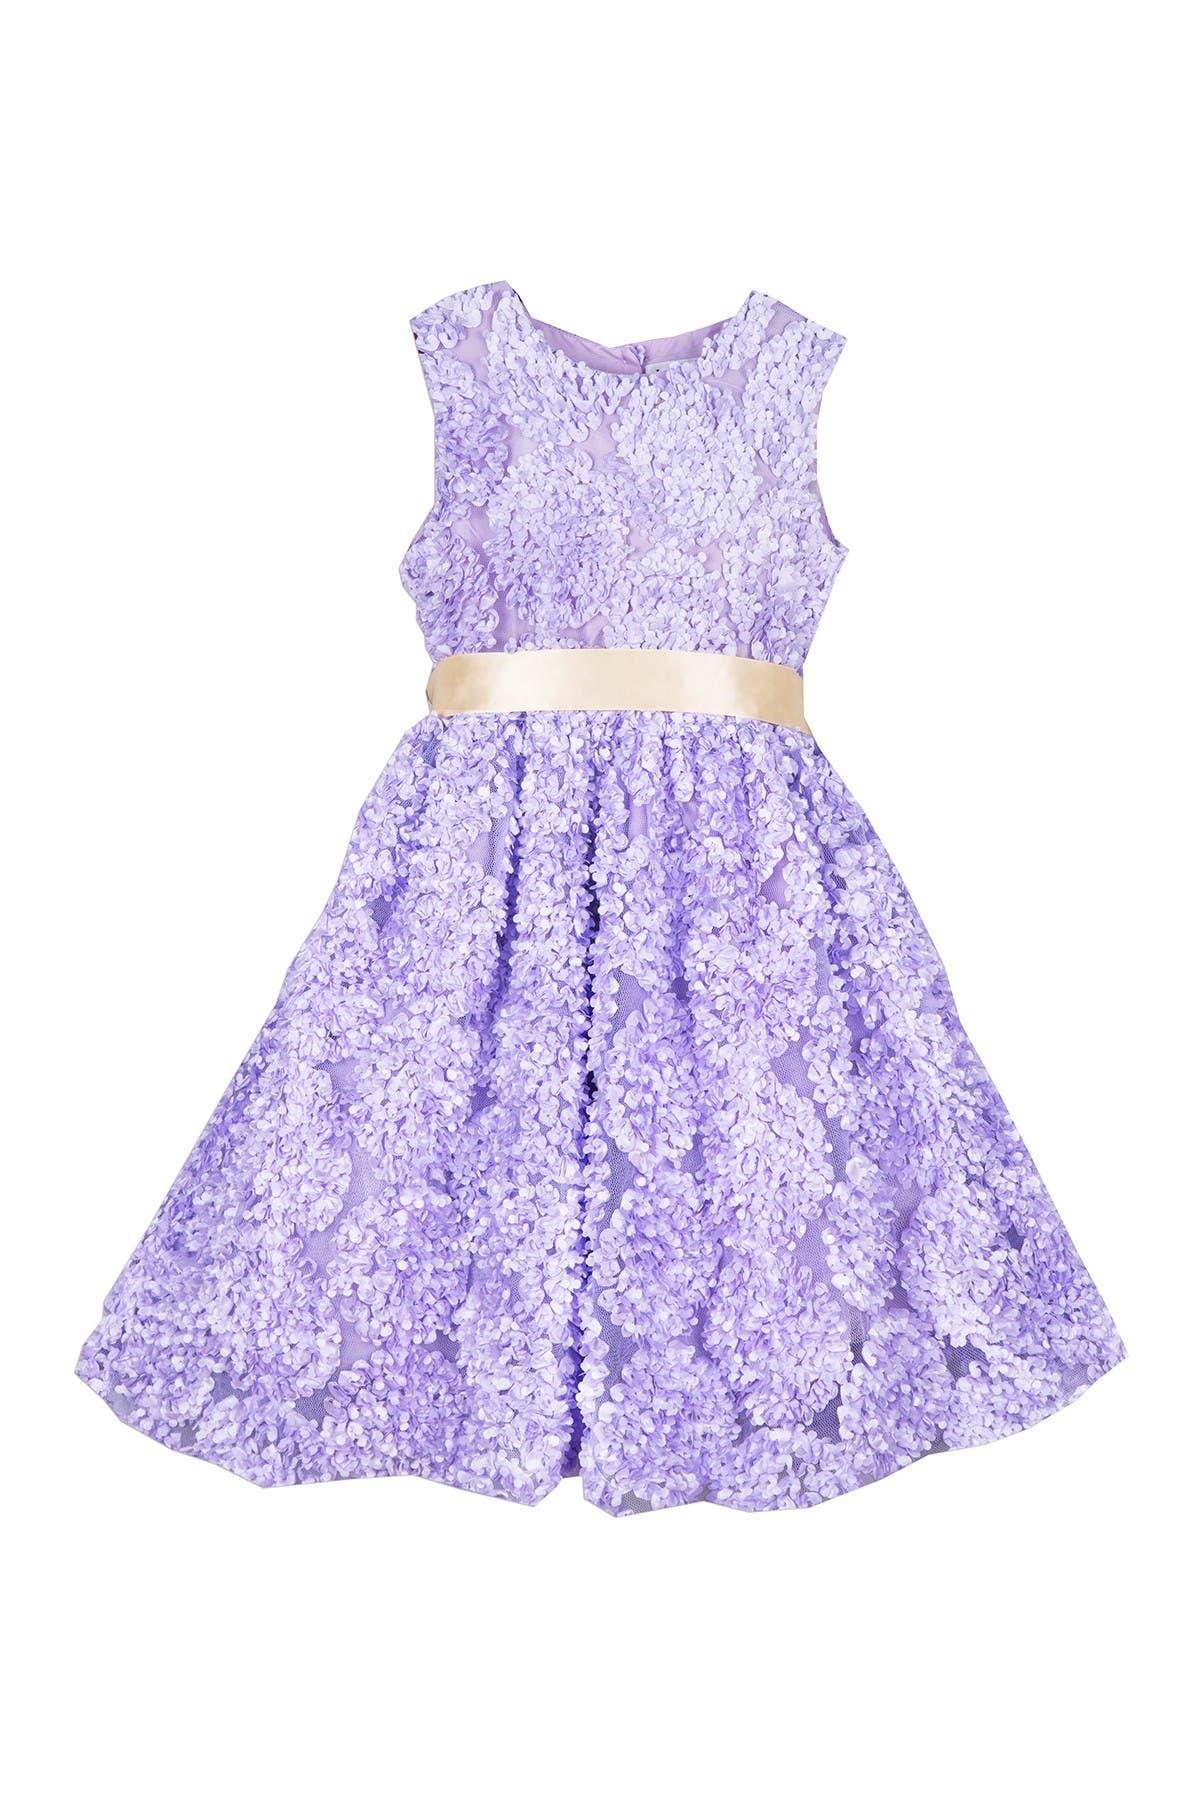 Image of Joe-Ella Magpie Ribbon Lilac Textured Dress